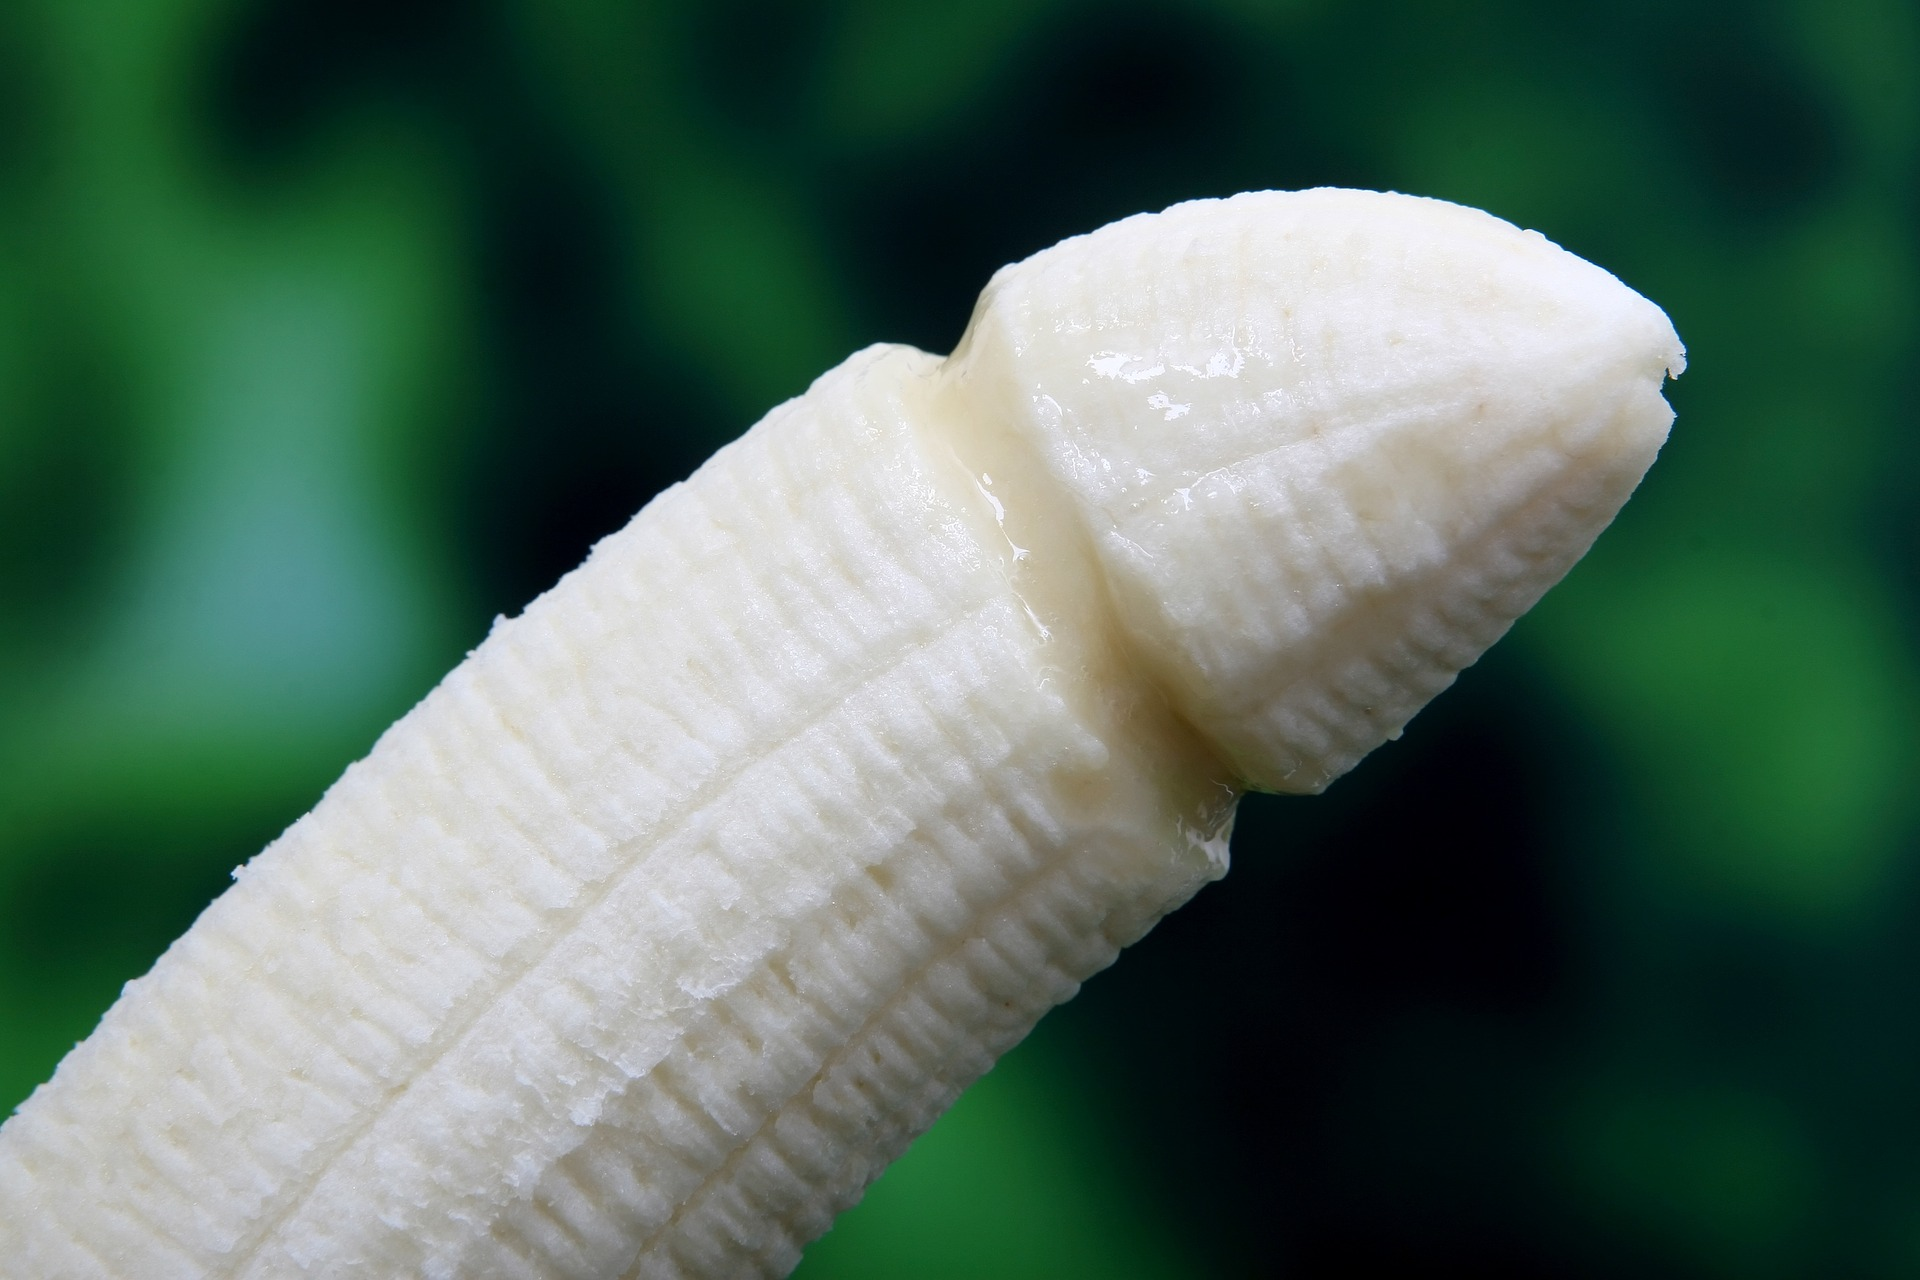 penisring funktion